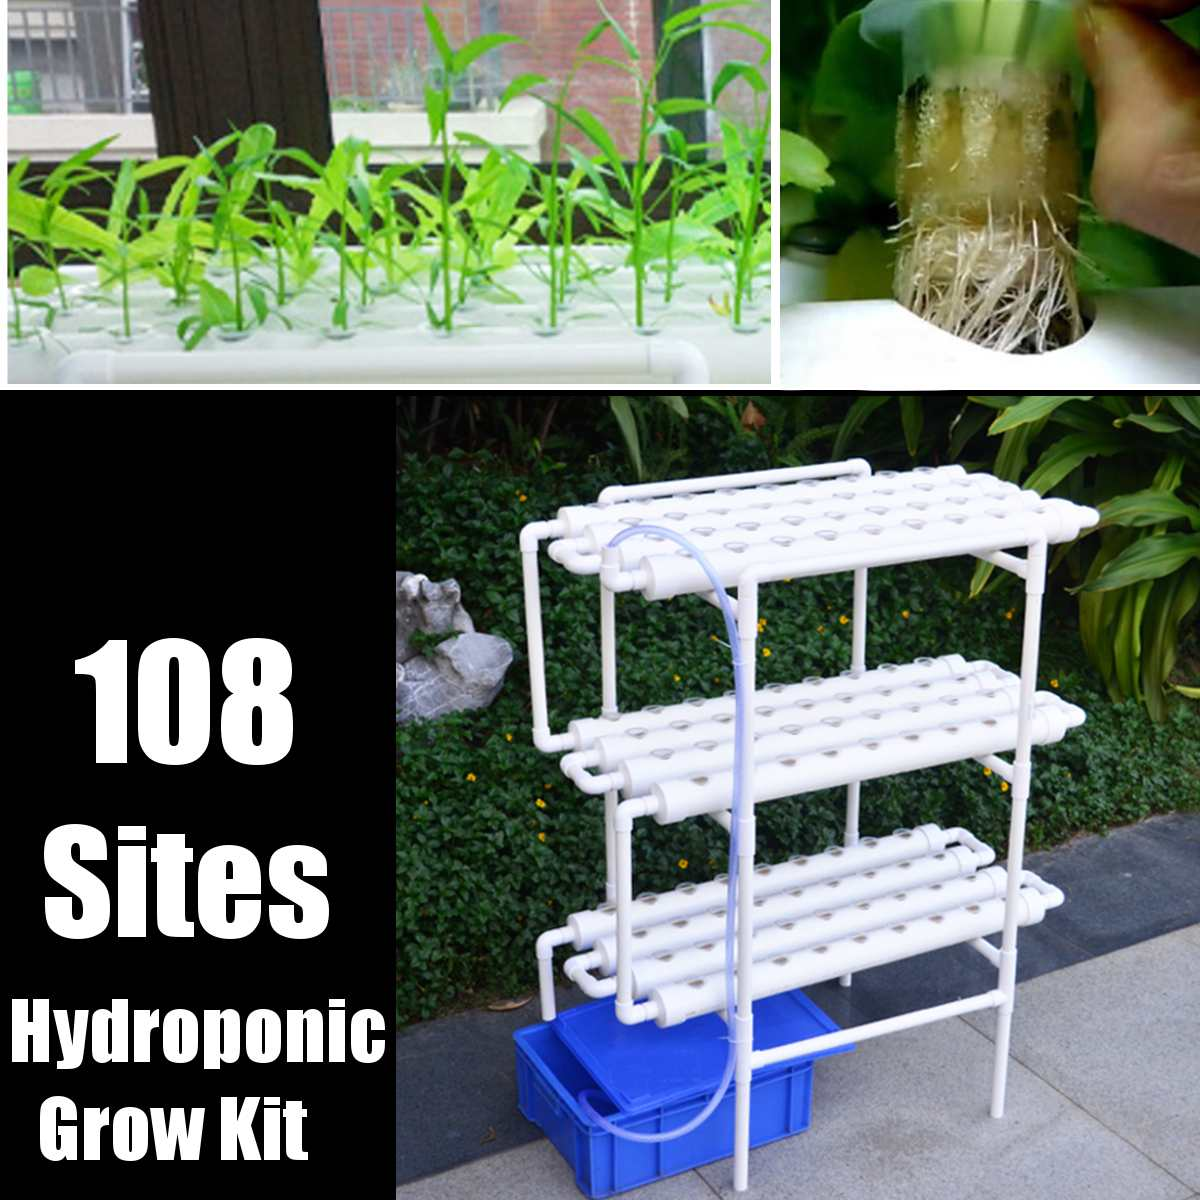 112 قطعة/مجموعة 220 فولت النباتات أنظمة المزارع المائية تنمو عدة 108 ثقوب الحضانة الأواني مكافحة الآفات Soilless زراعة حديقة داخلية ثقافة Pl